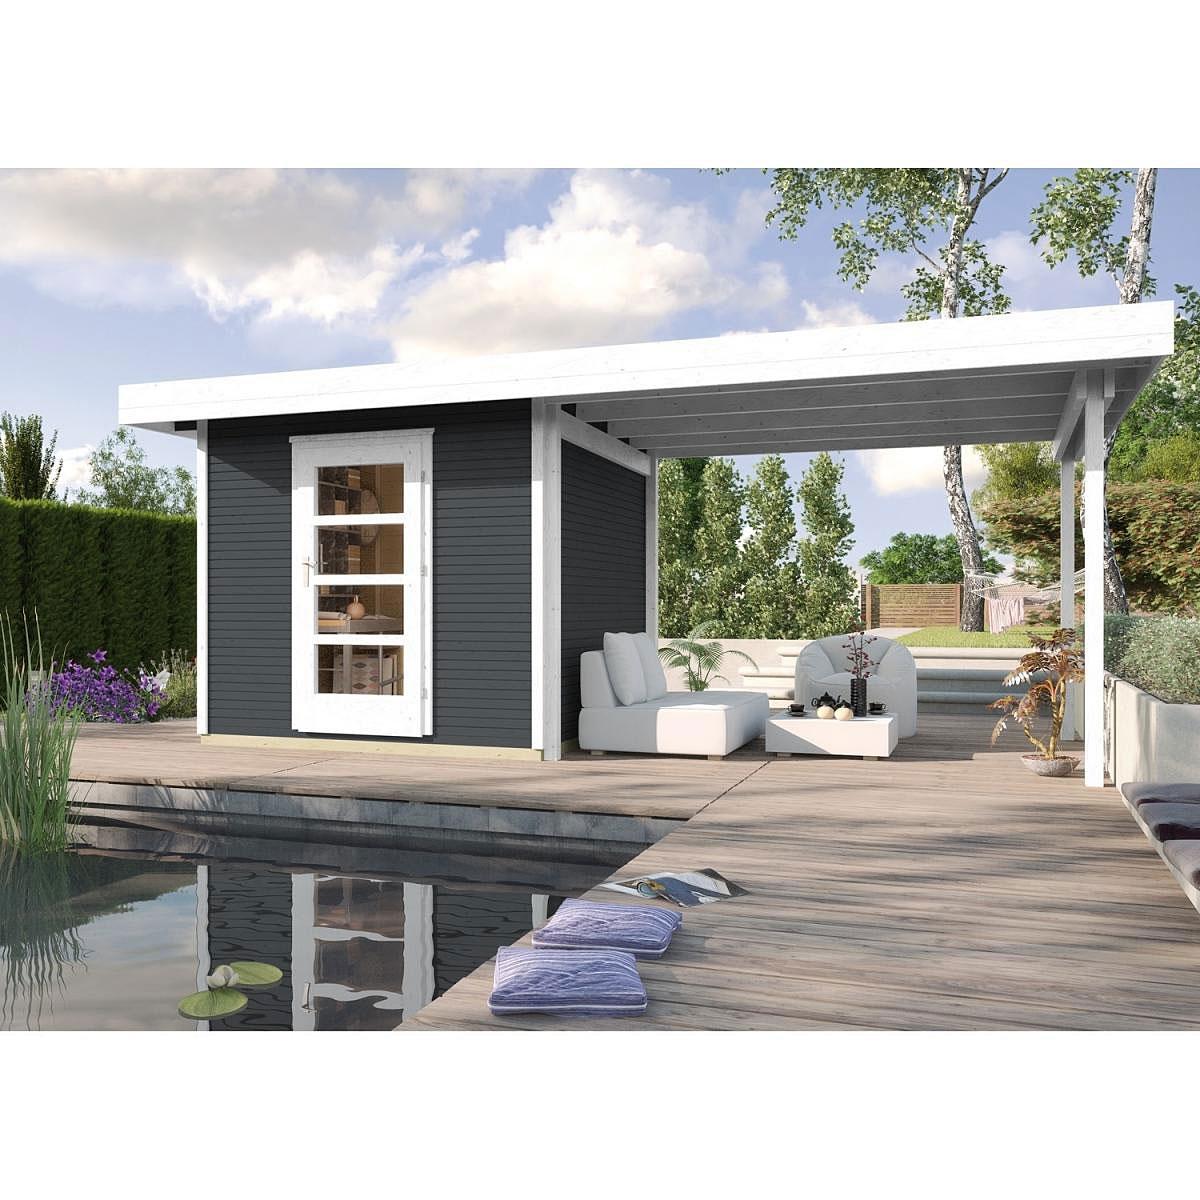 Weka Holz-Gartenhaus wekaLine Anthrazit 240 cm x 235 cm mit Anbau 300 cm